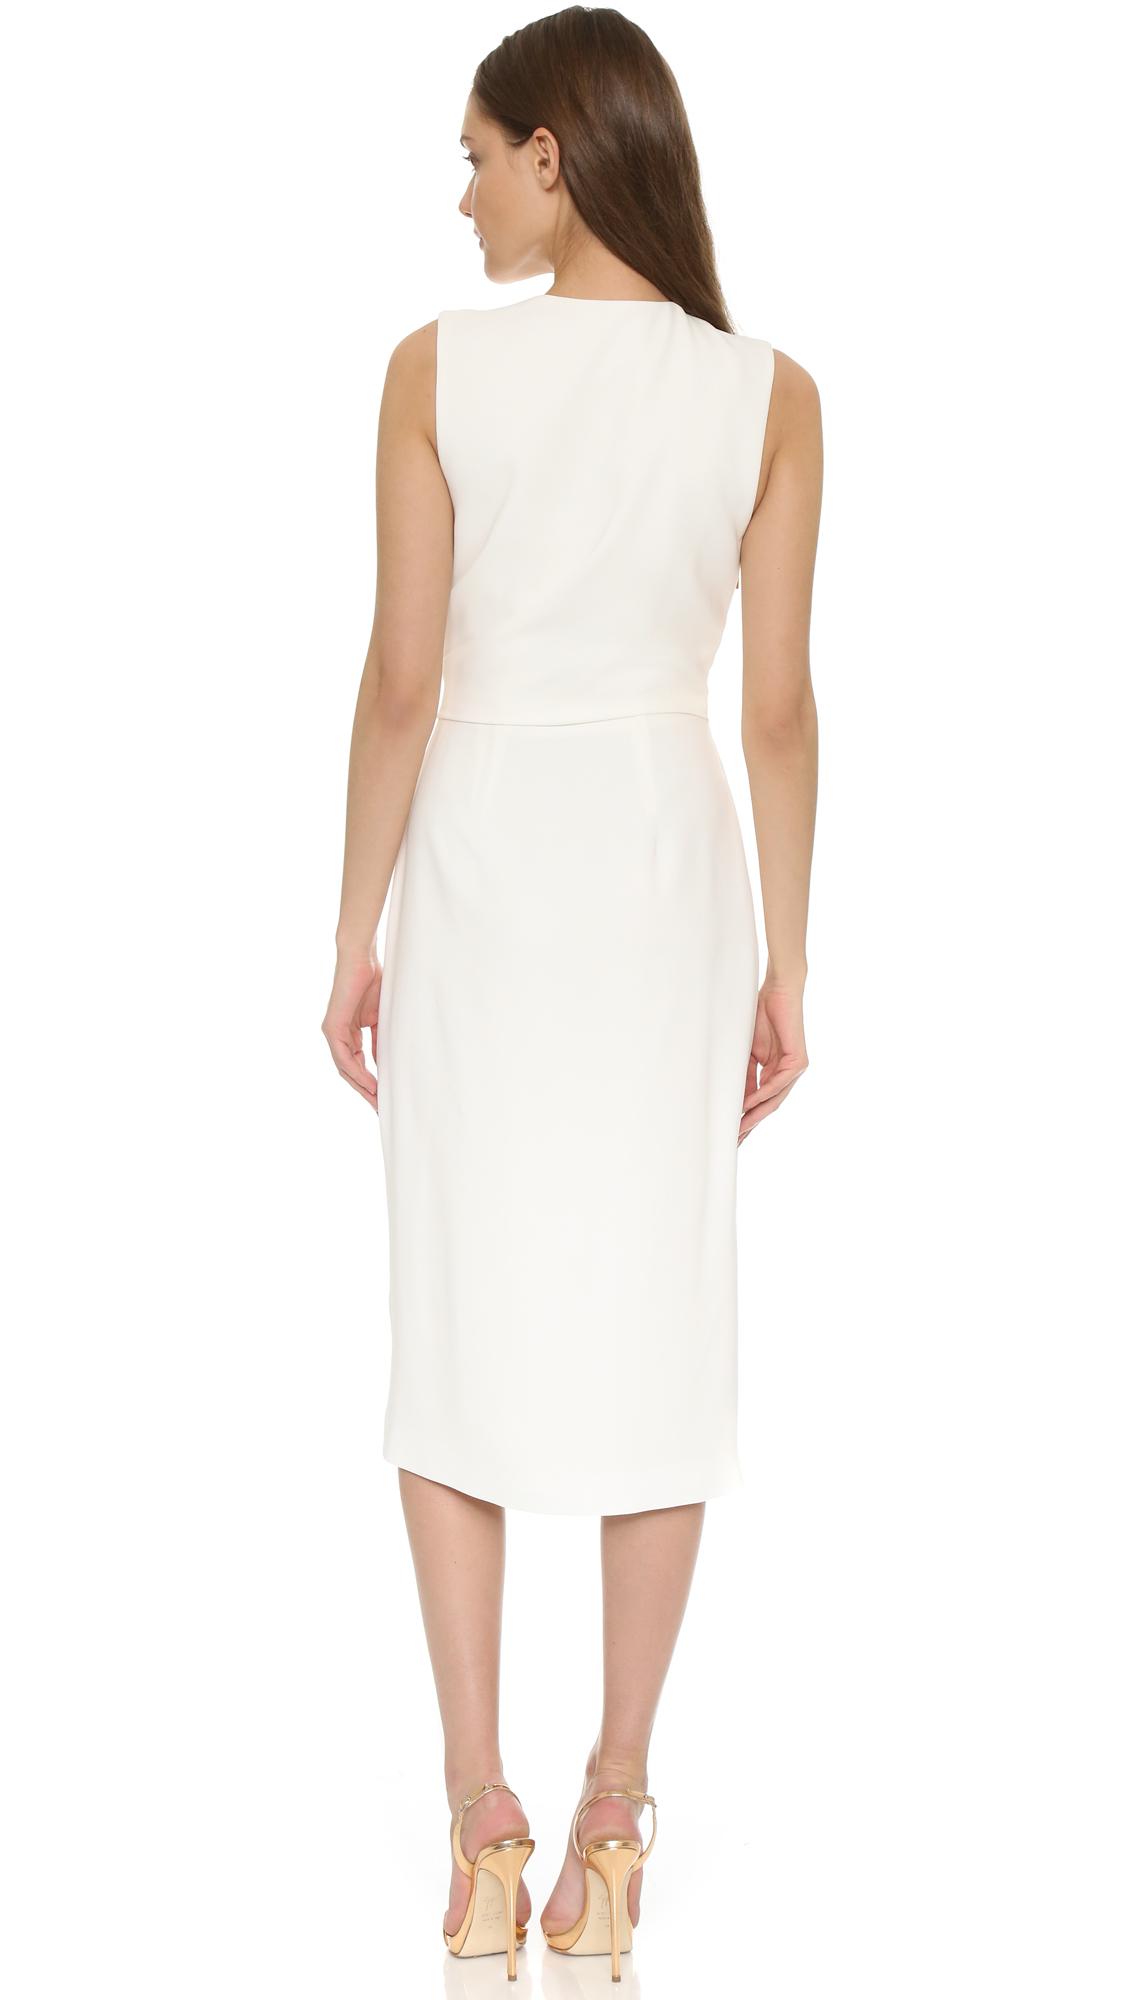 Lyst Jason Wu Crepe Sleeveless V Neck Drape Dress in White